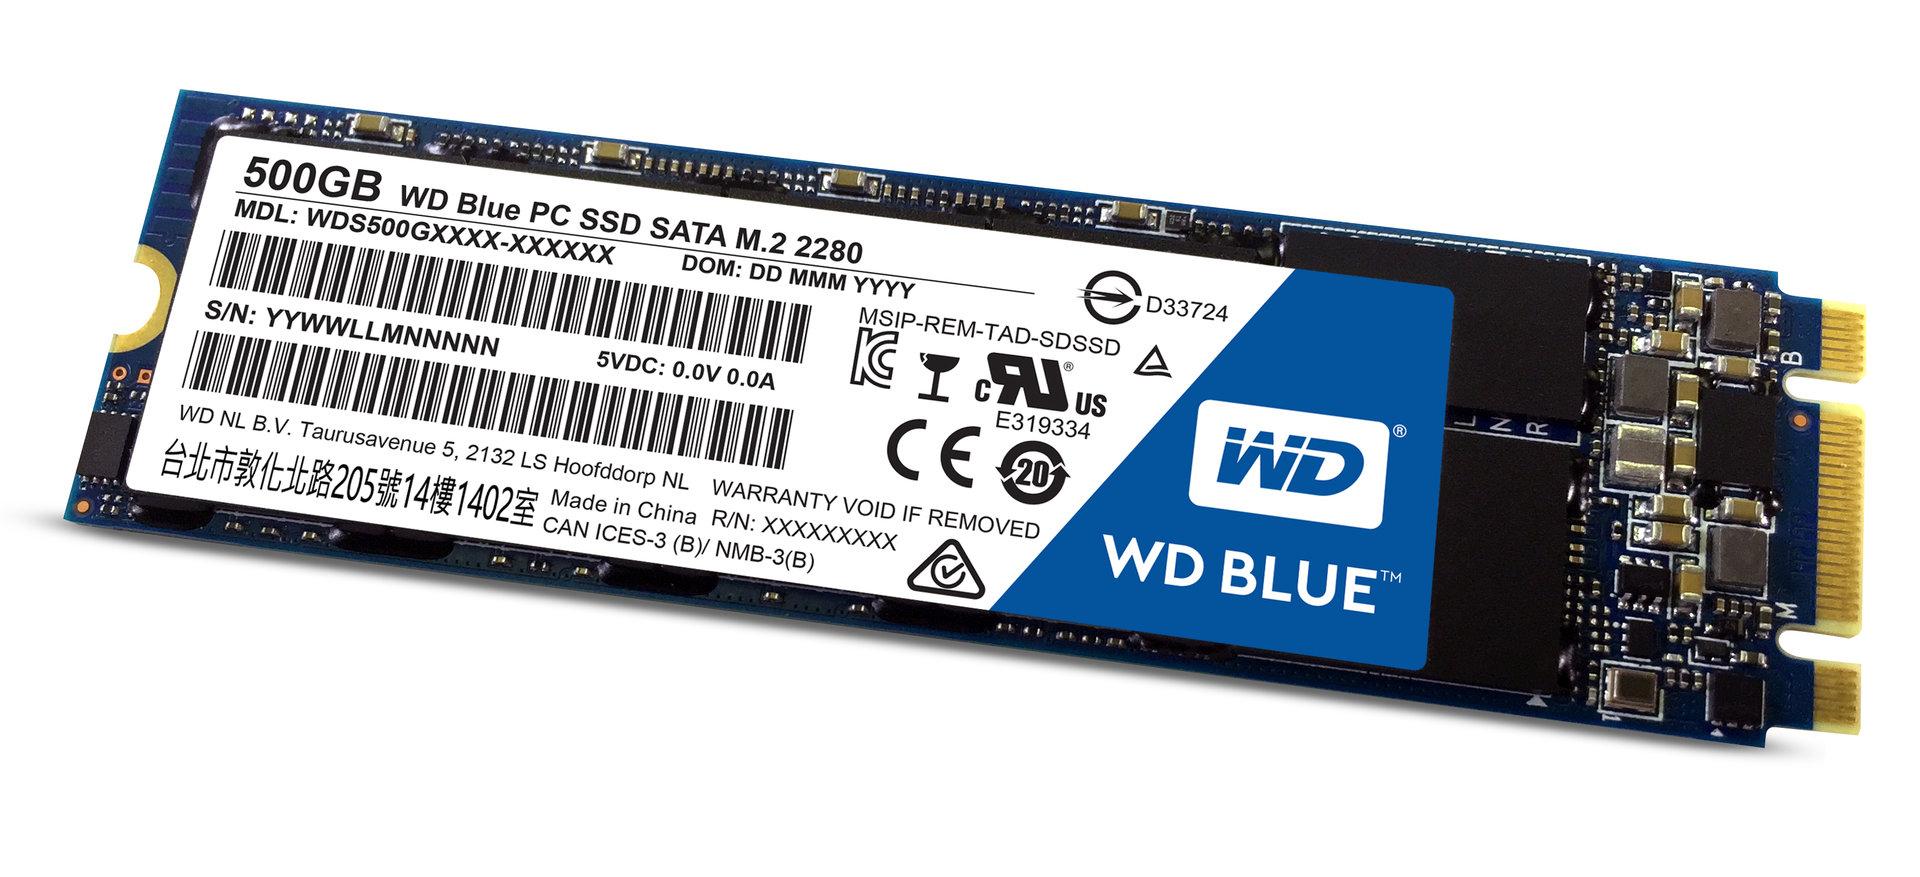 WD Blue SSD (M.2)